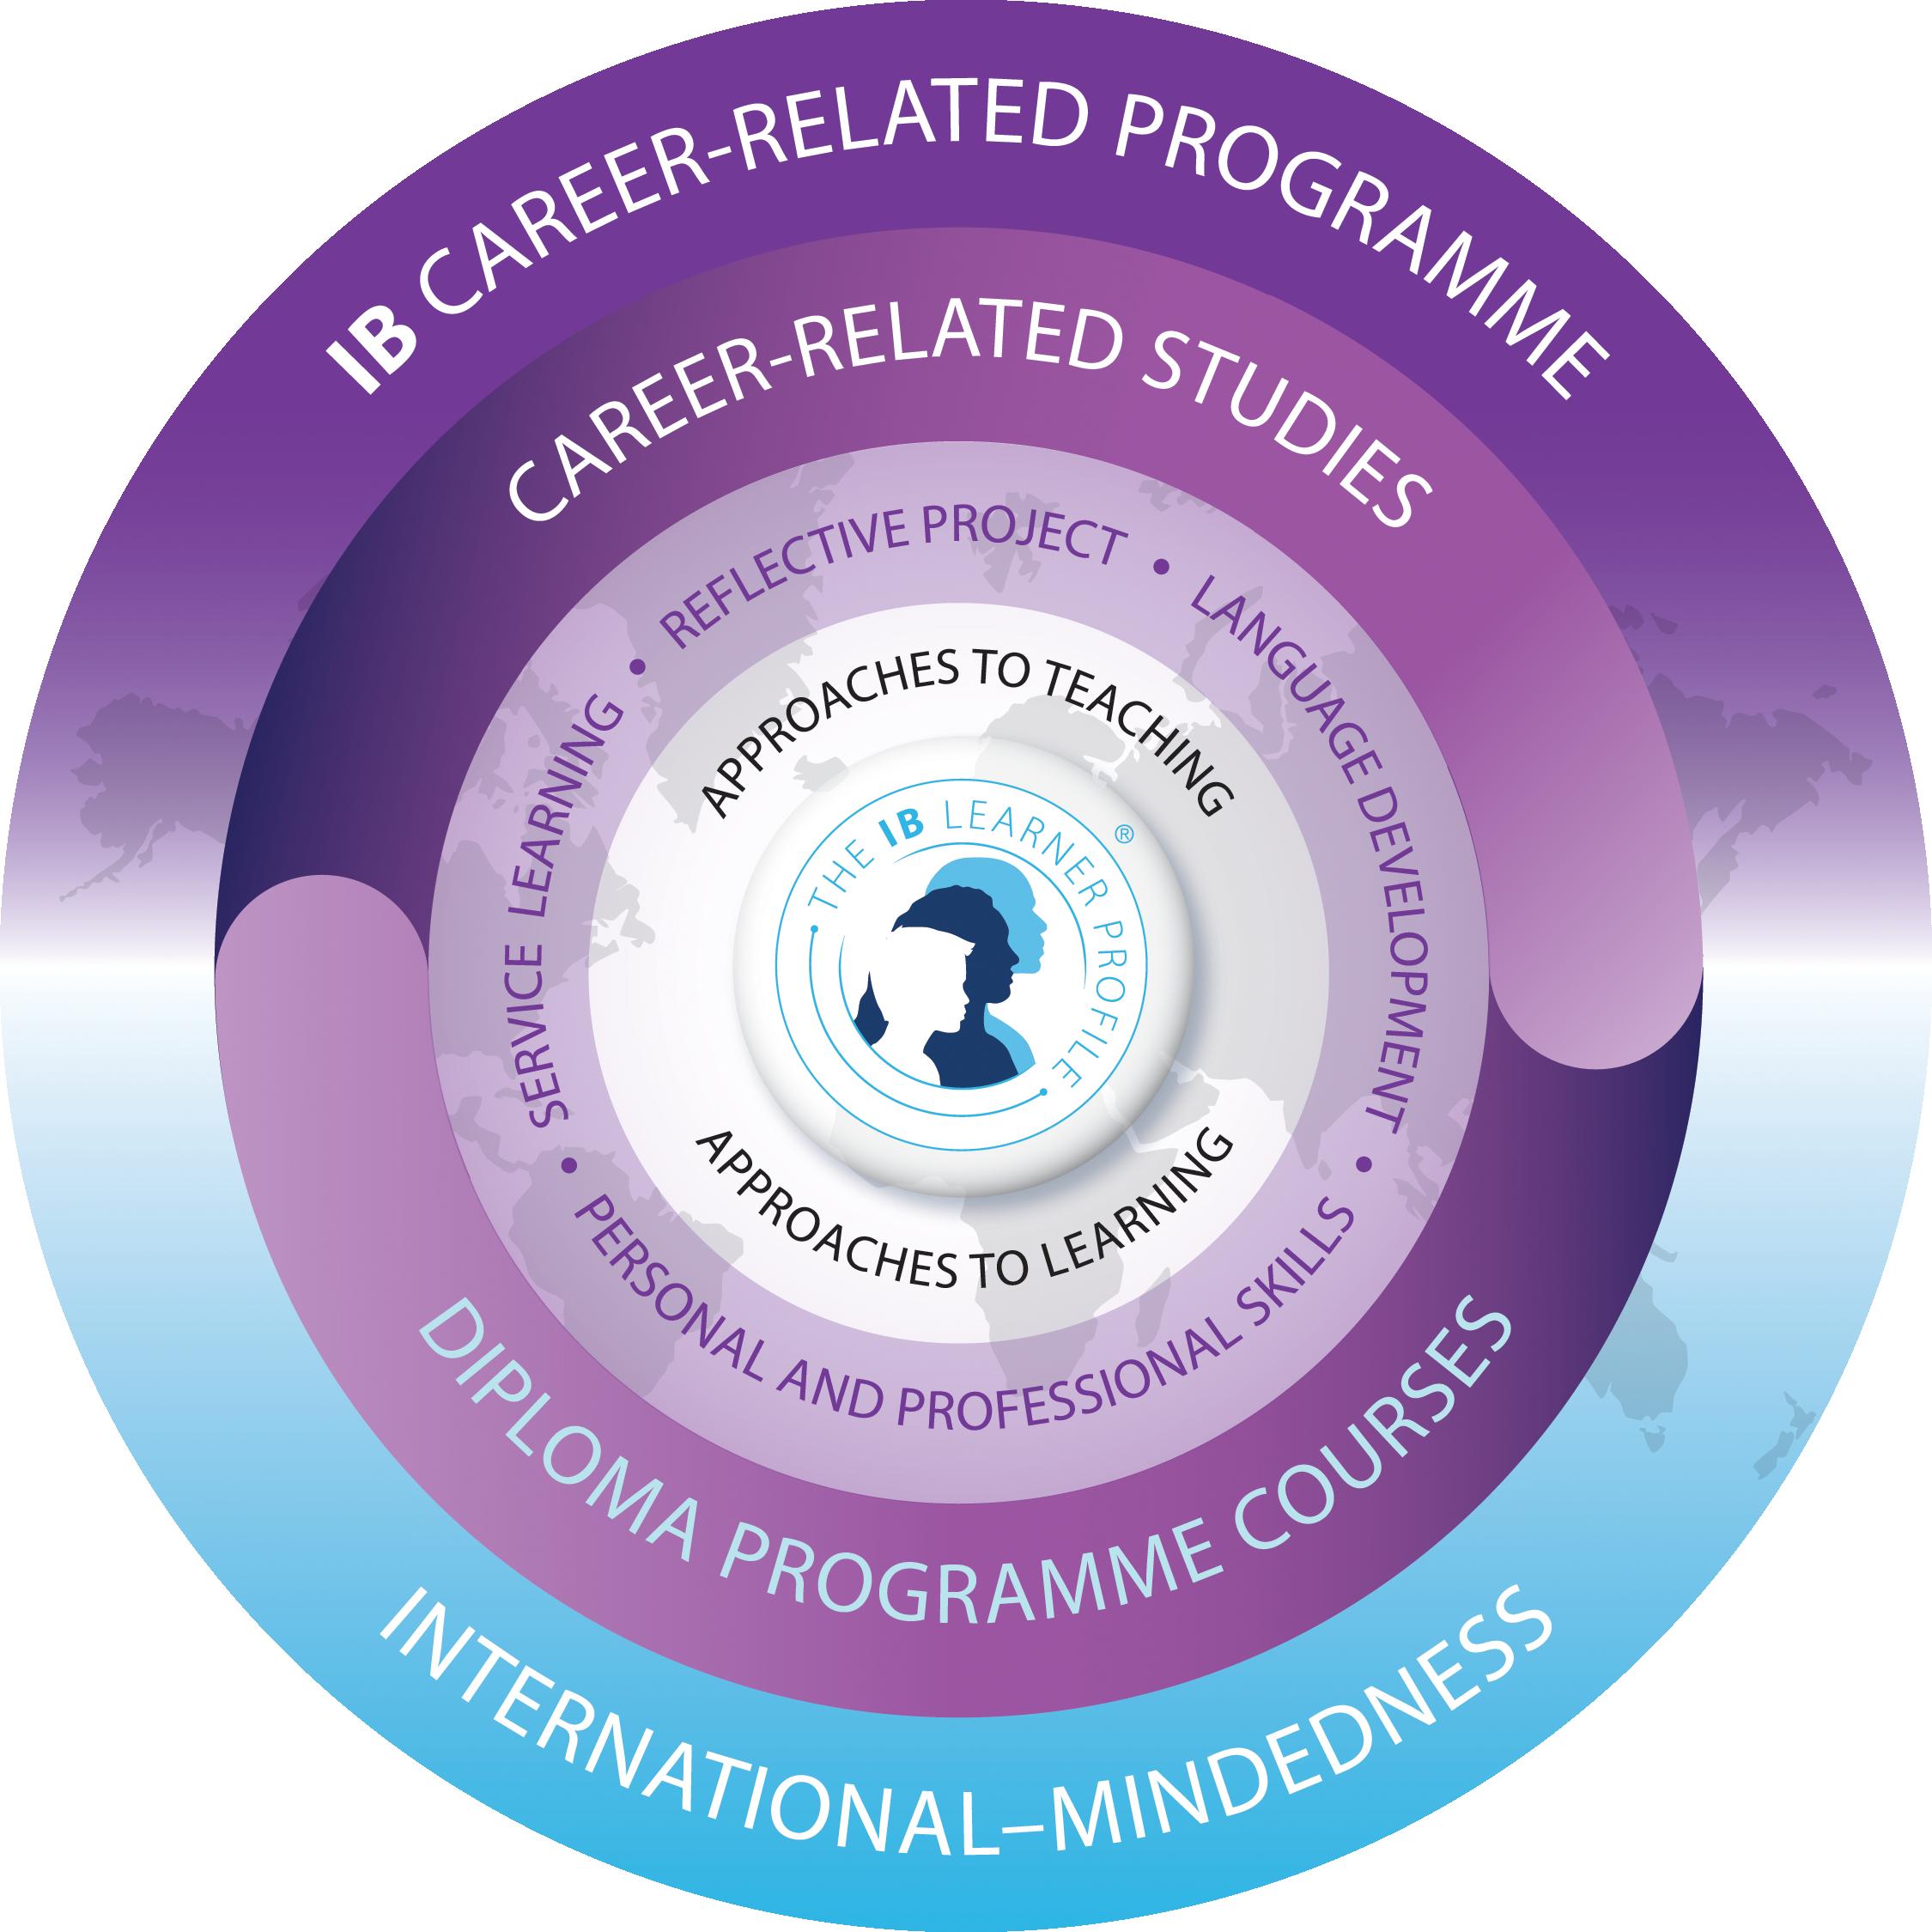 ibcp program description logo